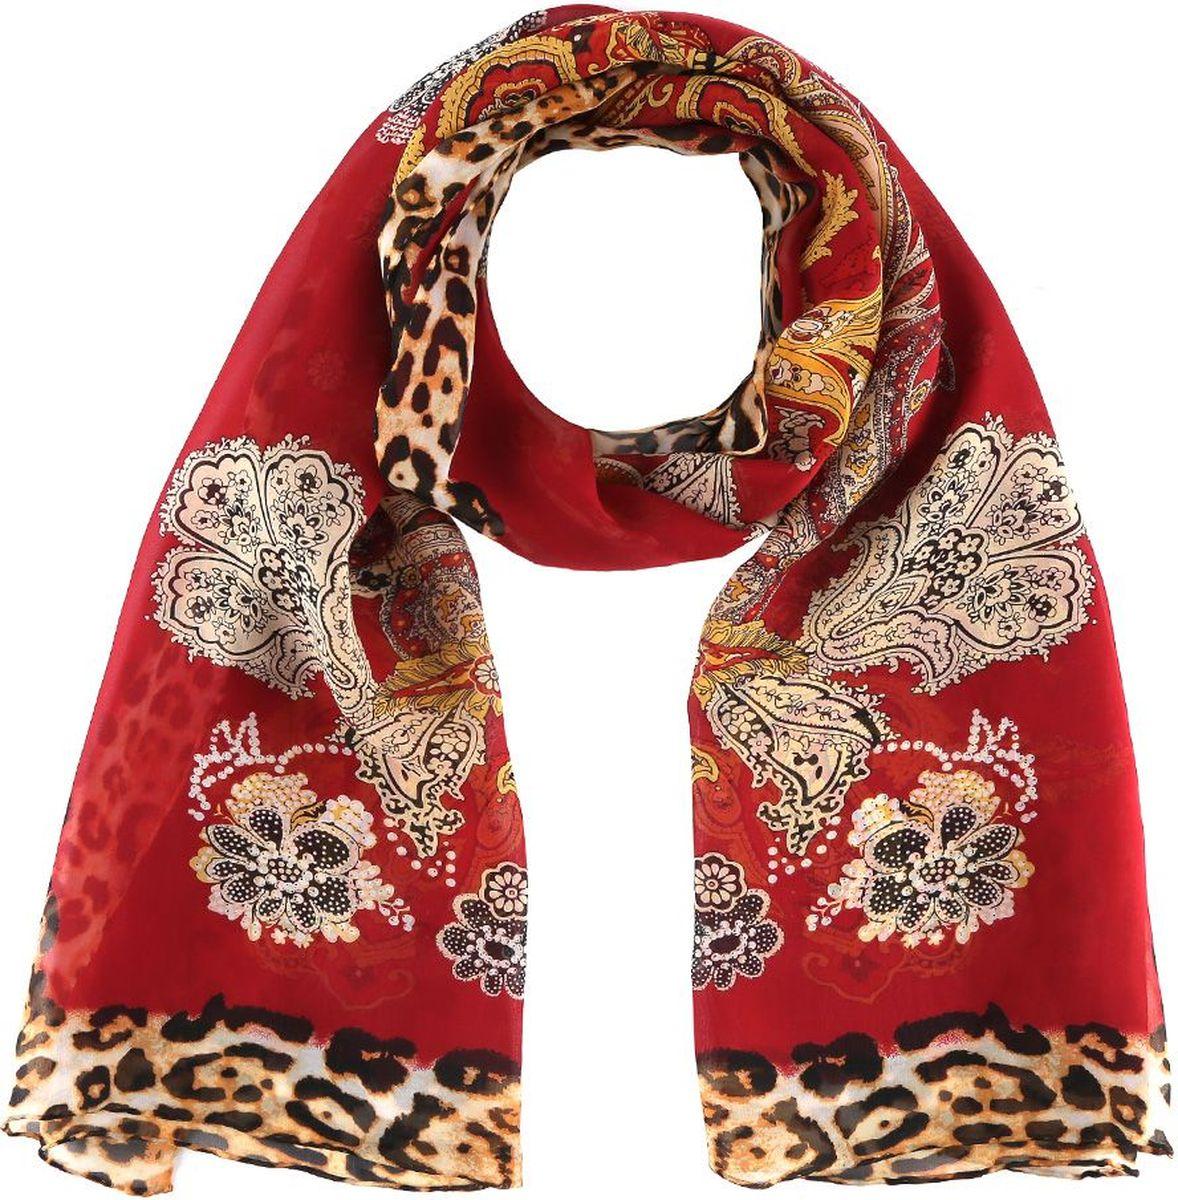 Шарф женский Fabretti, цвет: красный. 14YL064-B. Размер 180 см х 55 см14YL064-BШарф Fabretti станет удачным дополнением в вашем гардеробе. Выполнен из высококачественного материала и оформлен оригинальным принтом.